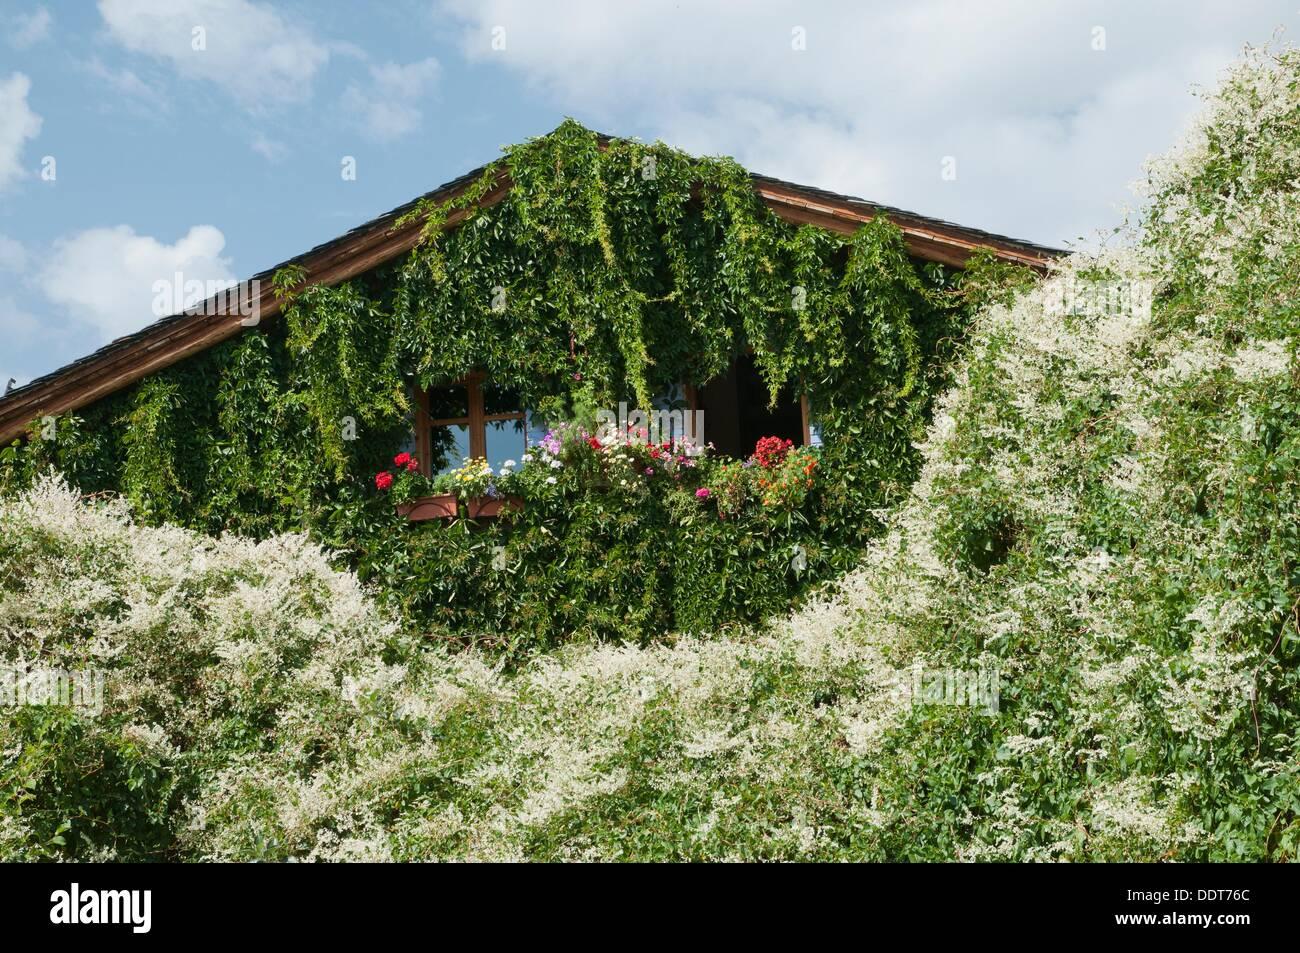 Pareti Esterne Casa : Piante rampicanti sulle pareti esterne di una casa tradizionale